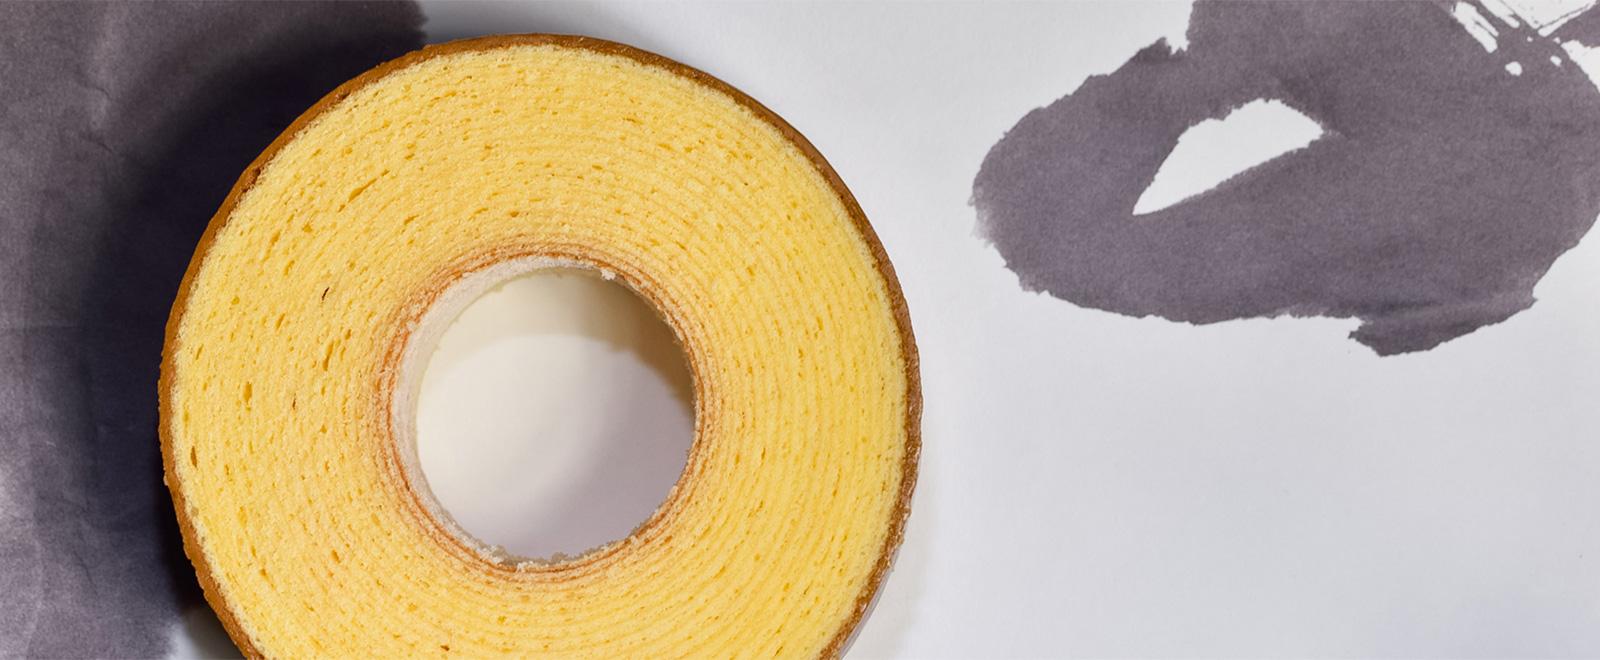 黒糖バウムクーヘン 商品写真